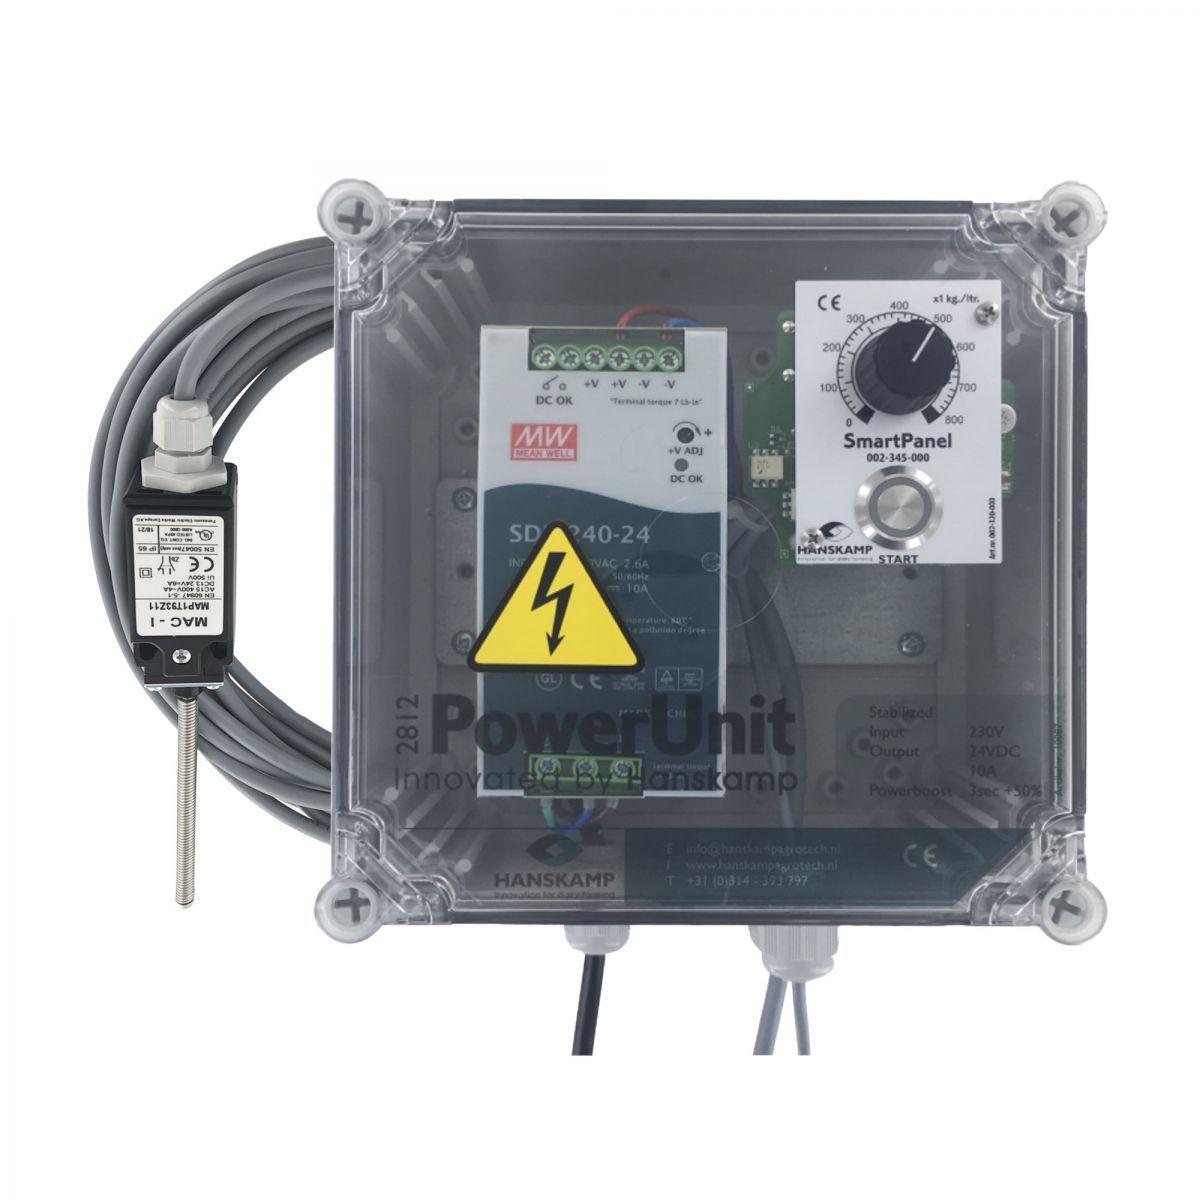 smartpanel in powerunit ein futtersorte mit entschalter 0800 g mit skaleneinteilung